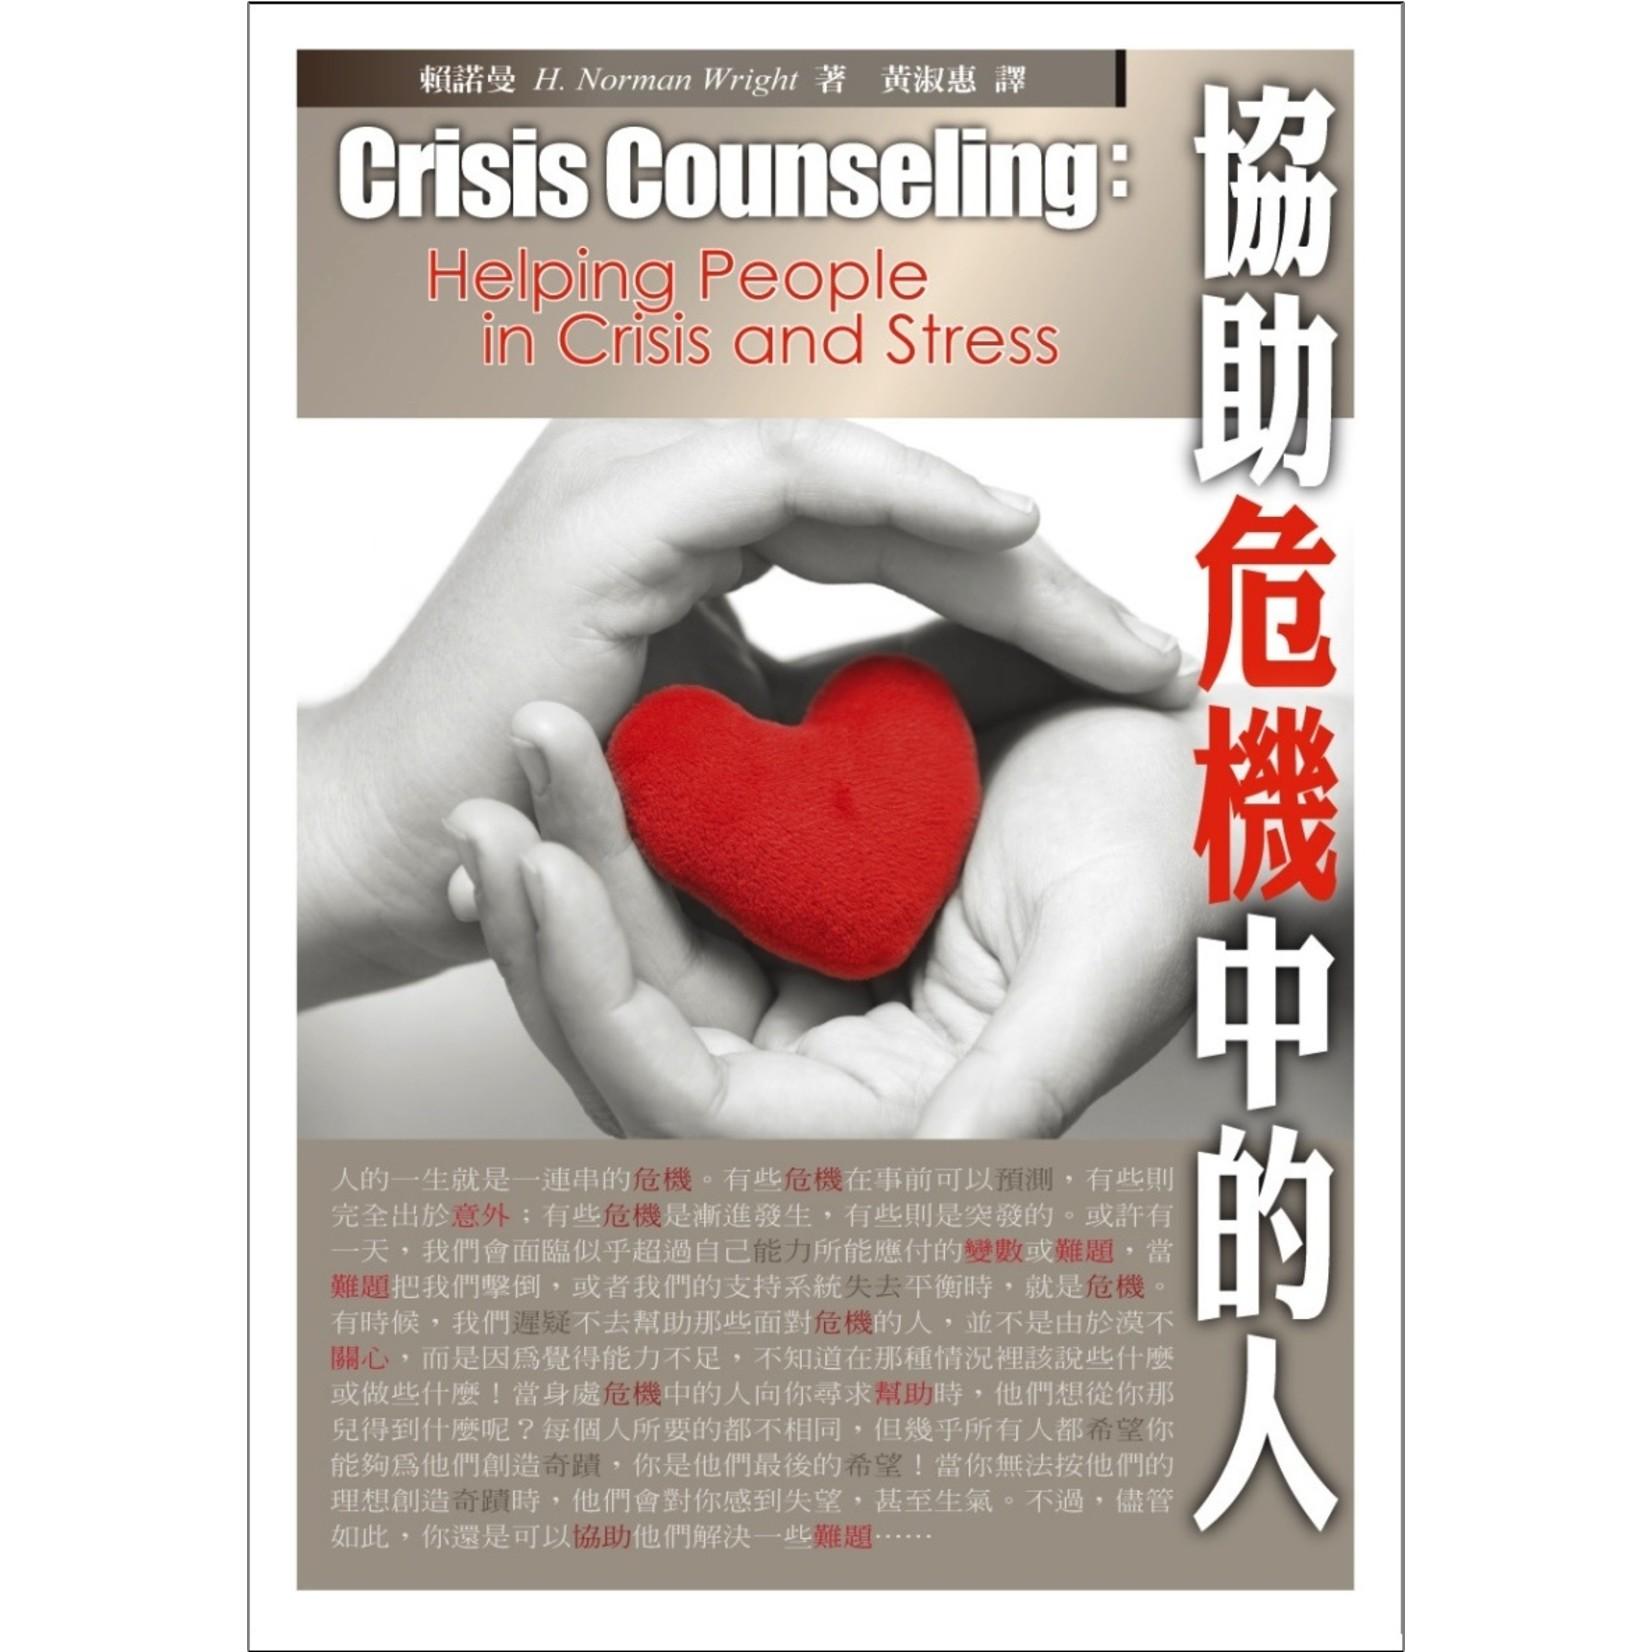 中國學園傳道會 Taiwan Campus Crusade for Christ 協助危機中的人 Crisis Counselling - Helping People in Crisis and Stress